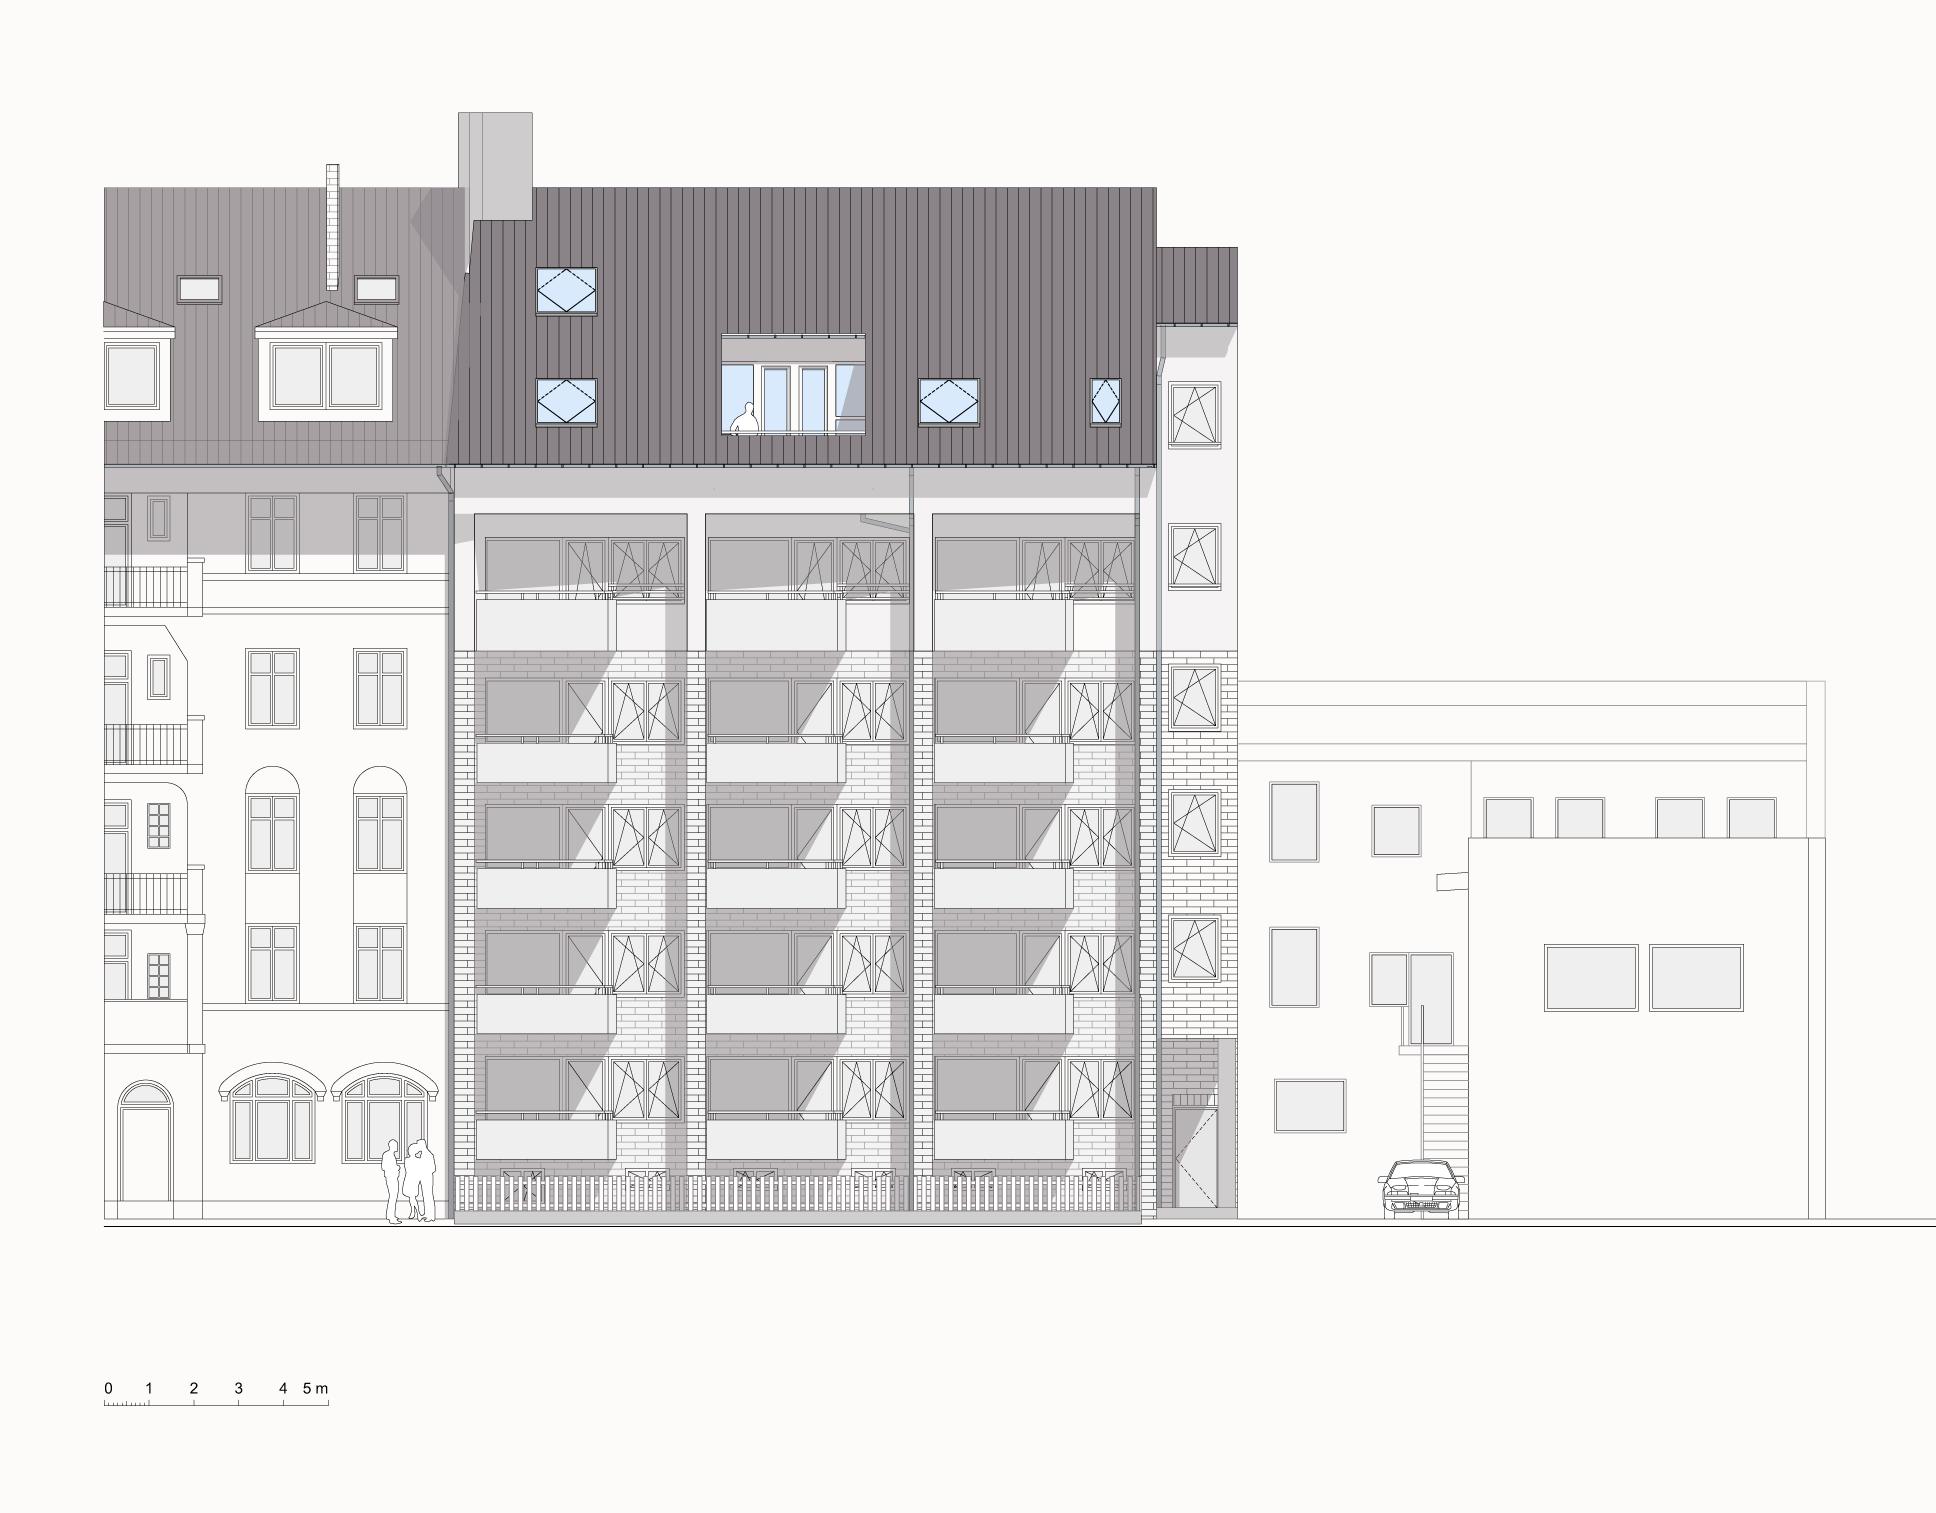 Architektur Ansicht bosse westphal schäffer architekten sachverständige